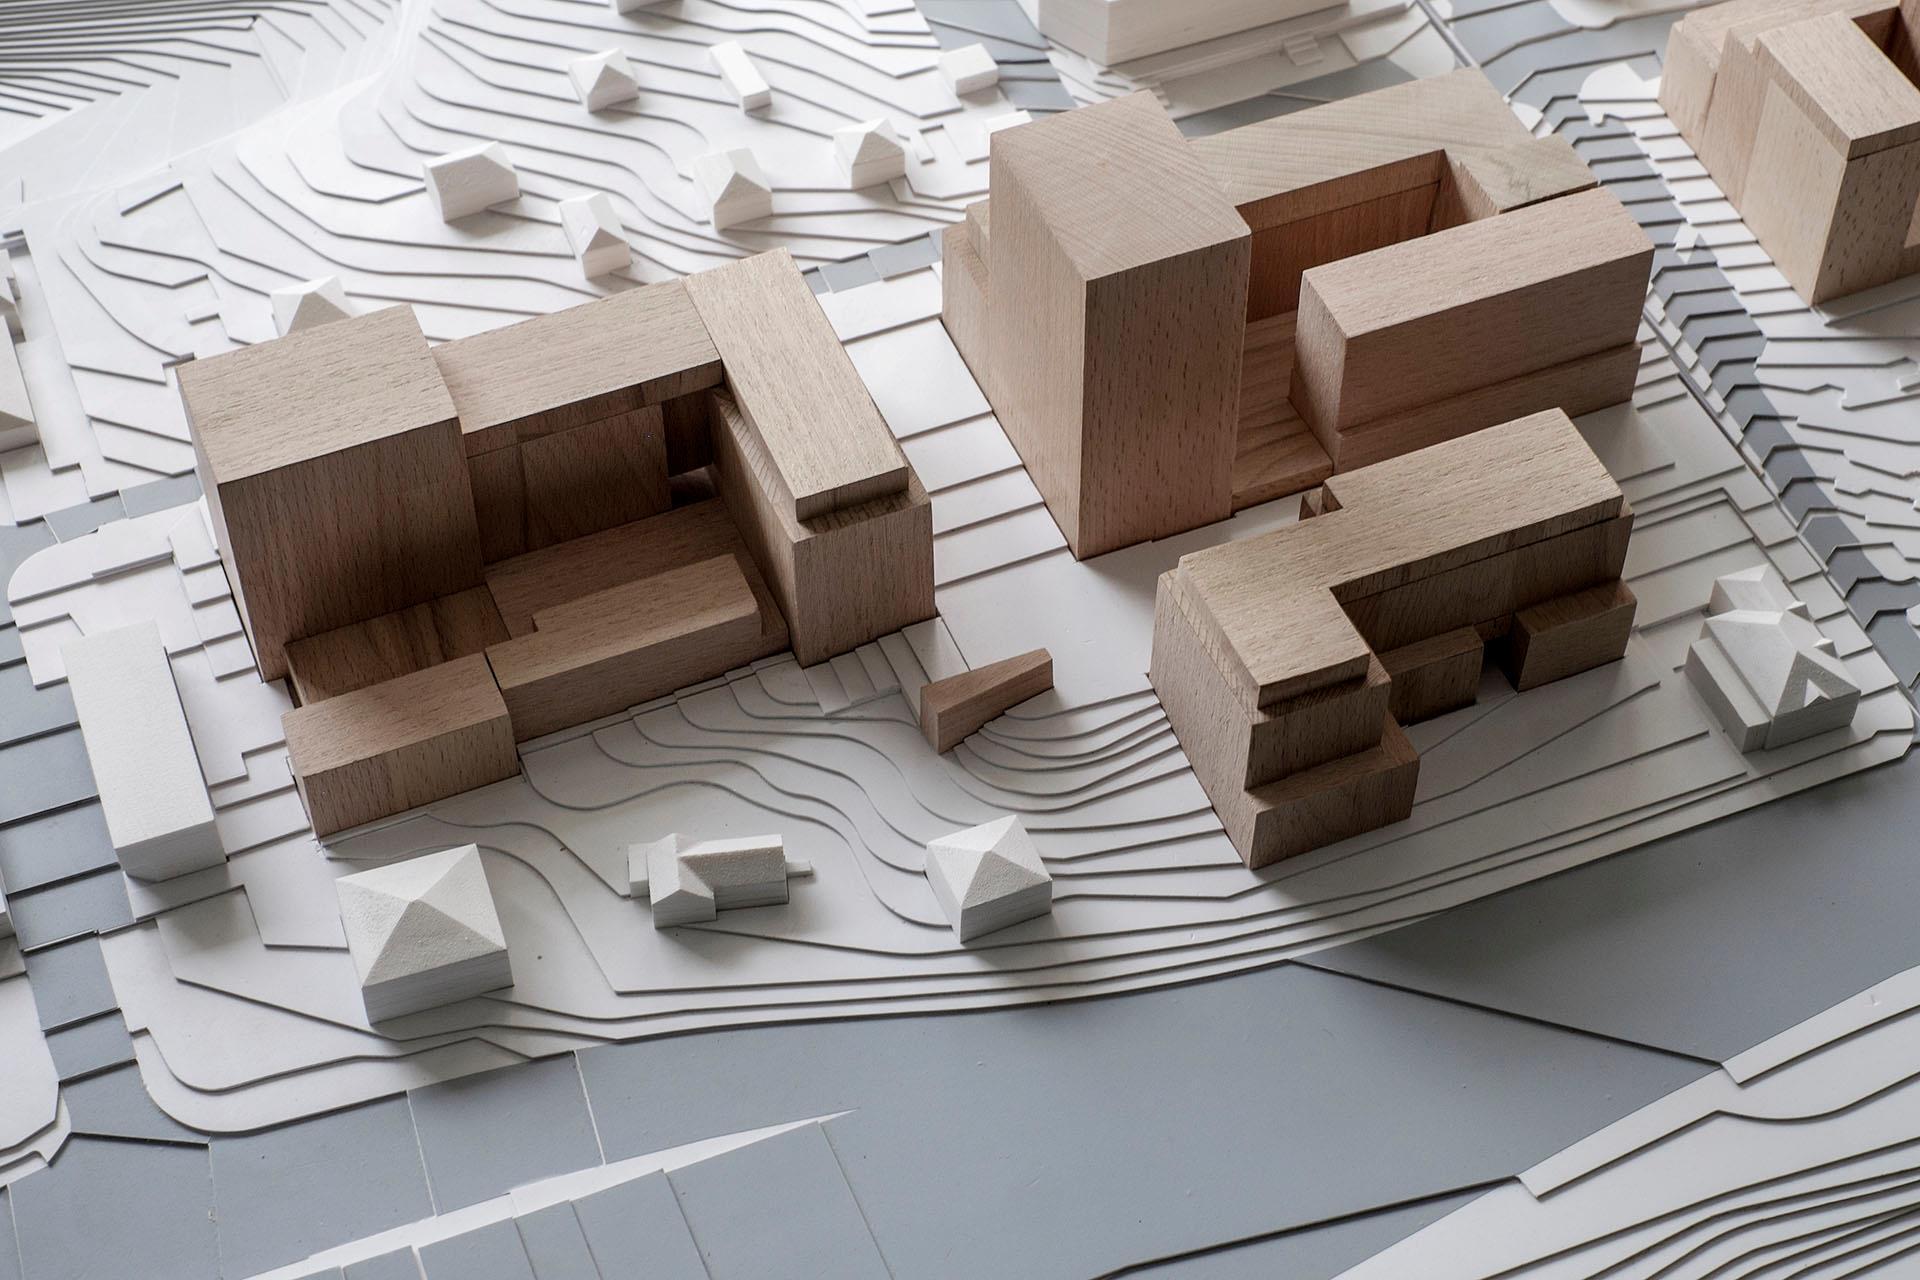 Примерно так должна выглядеть застройка квартала с учетом ландшафта и исторической застройки